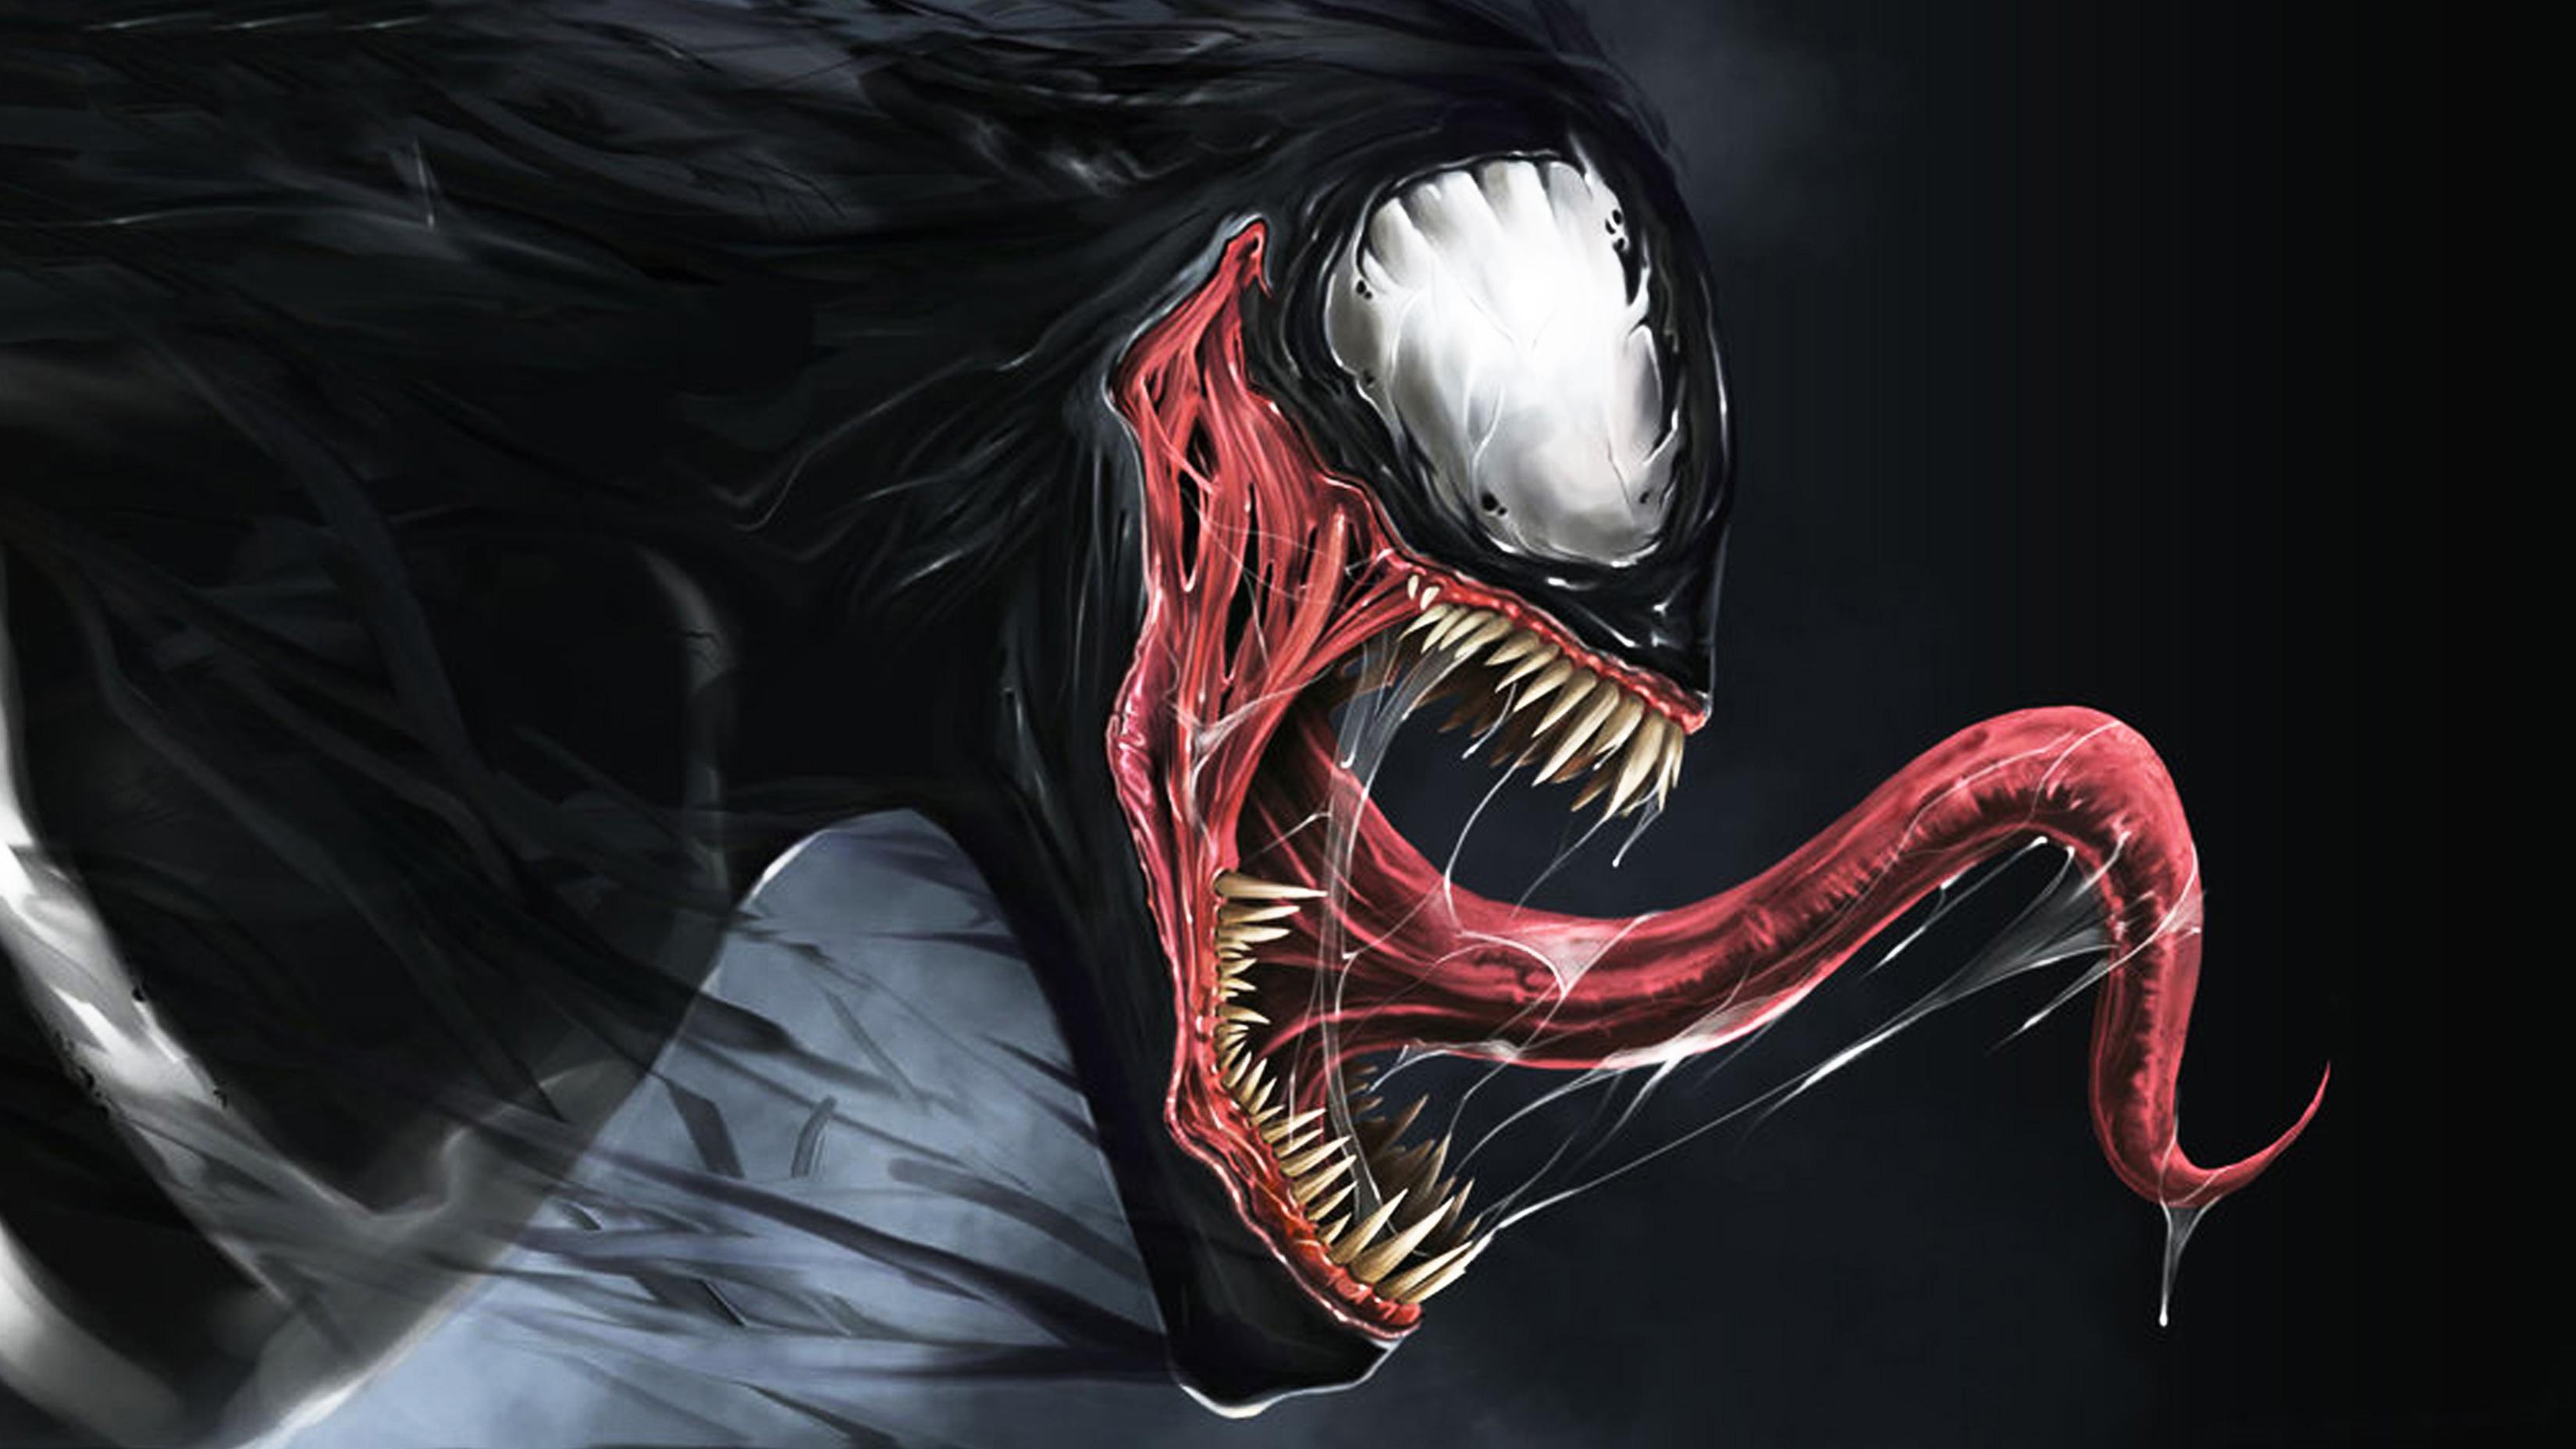 4k Digital Art Venom, HD Superheroes, 4k Wallpapers ...